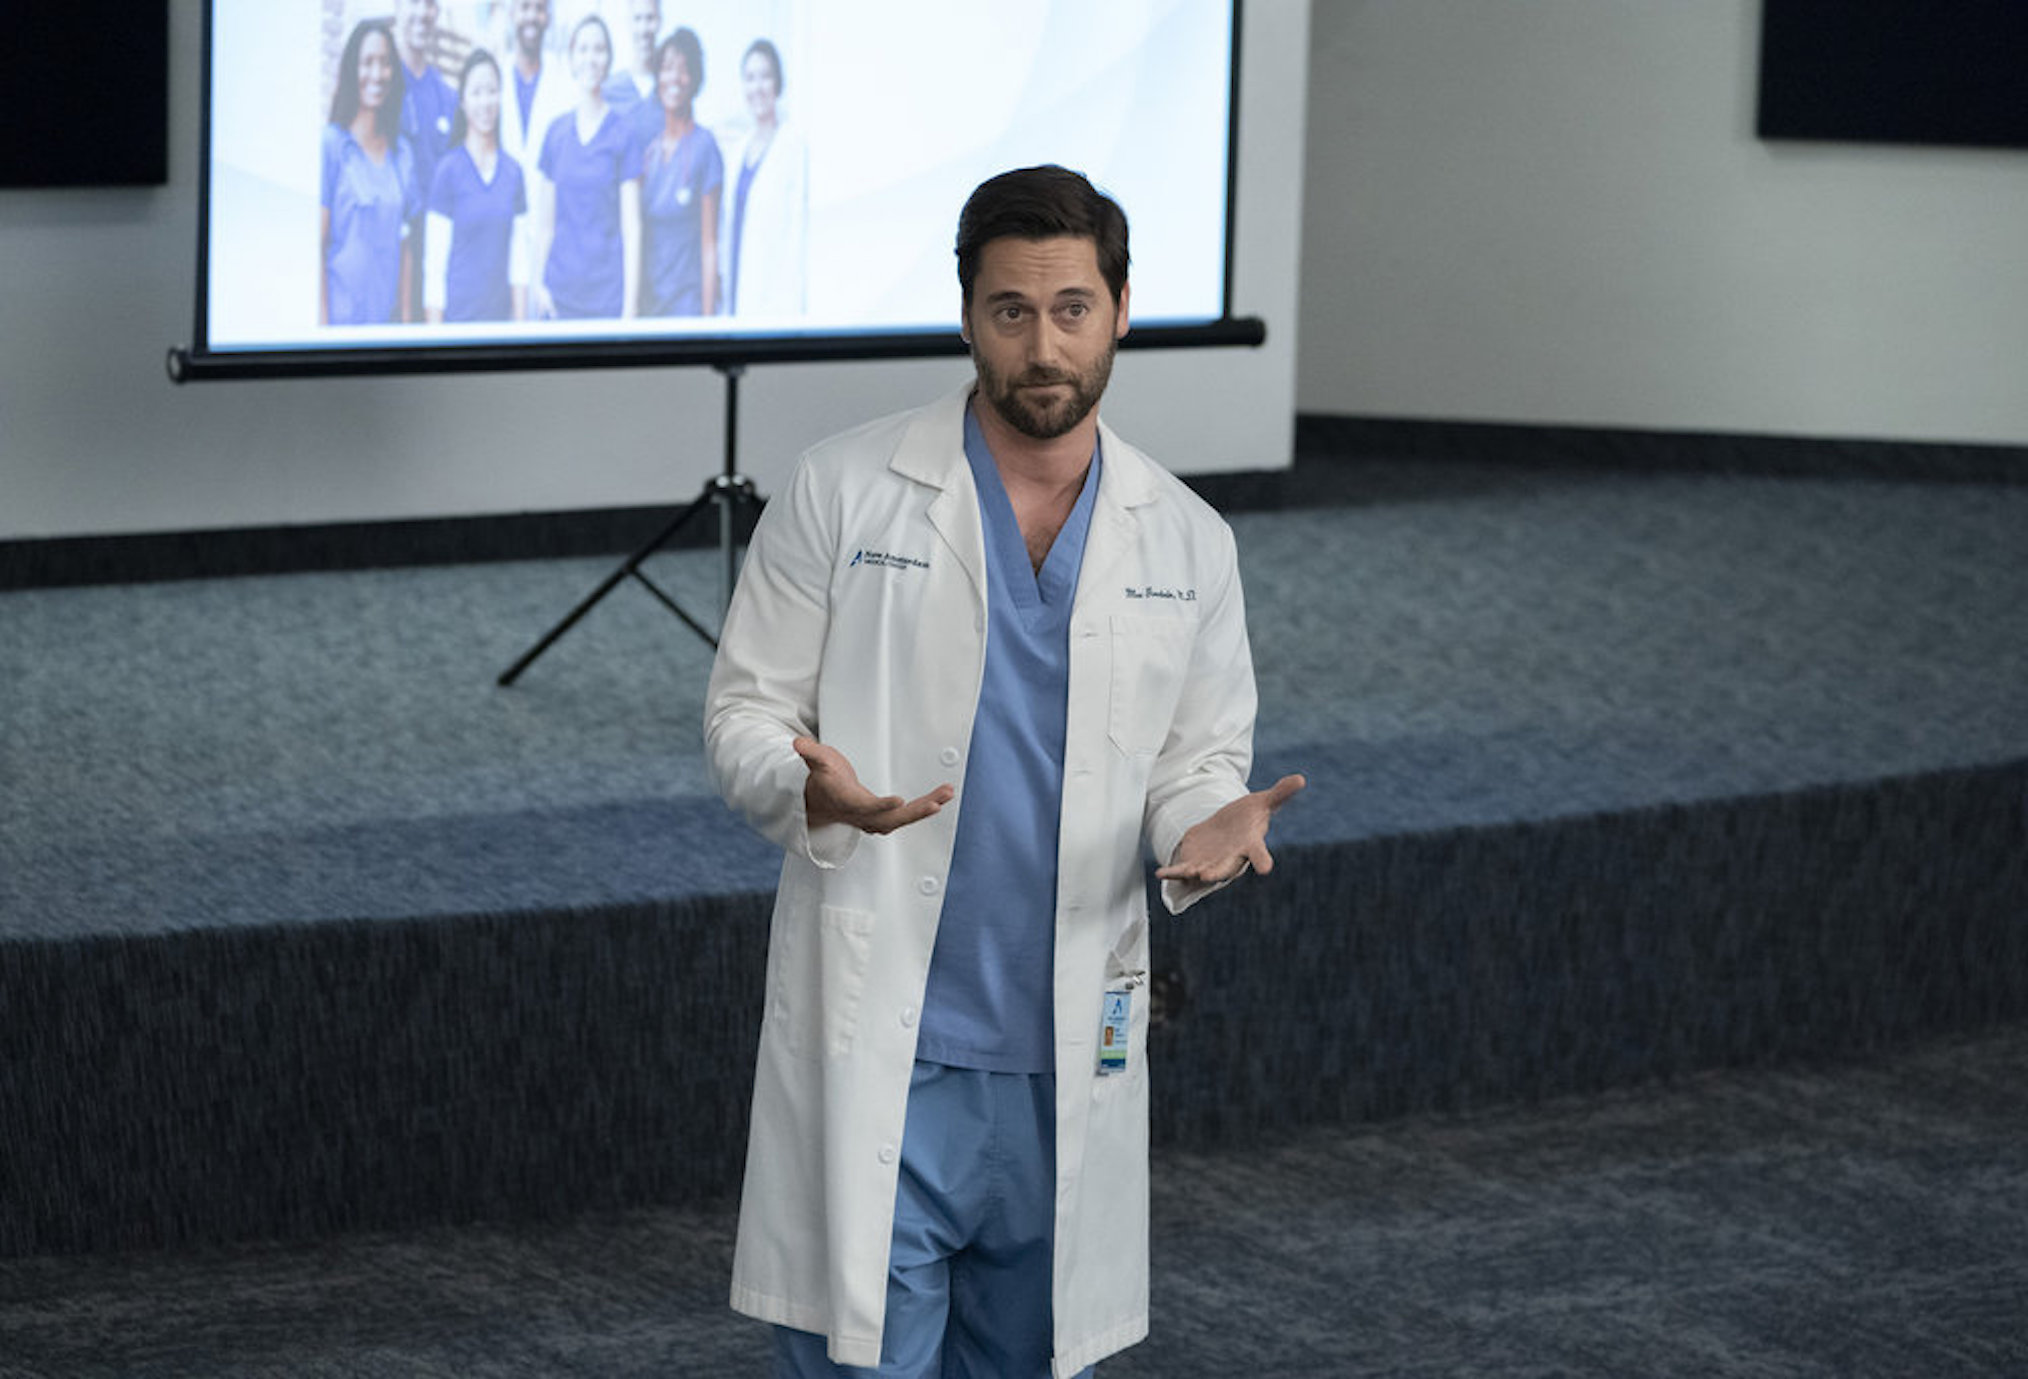 New Amsterdam: 2ª temporada trará tempos difíceis para os médicos